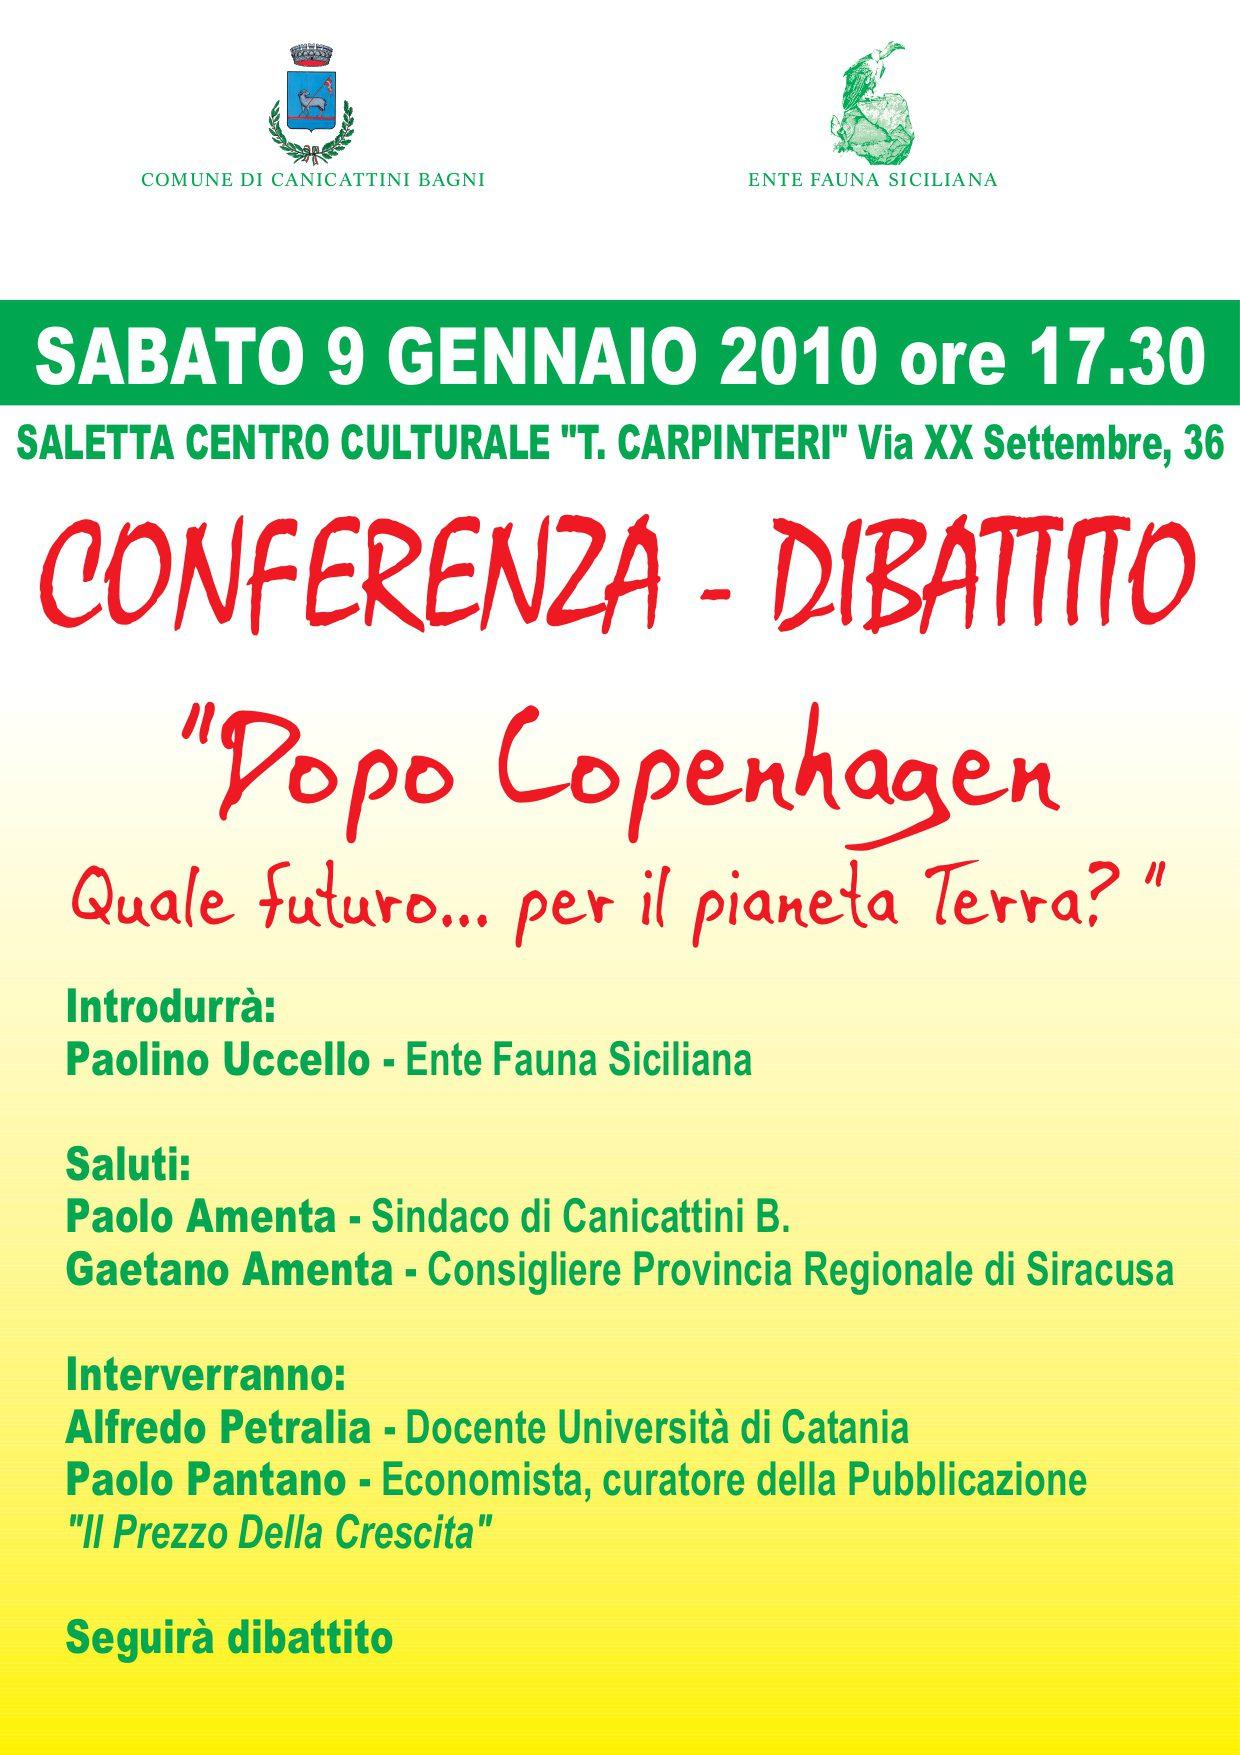 """09-01-2010: Canicattini Bagni, Conferenza-Dibattito """"Dopo Copenhagen. Quale futuro... per il pianeta Terra?""""."""